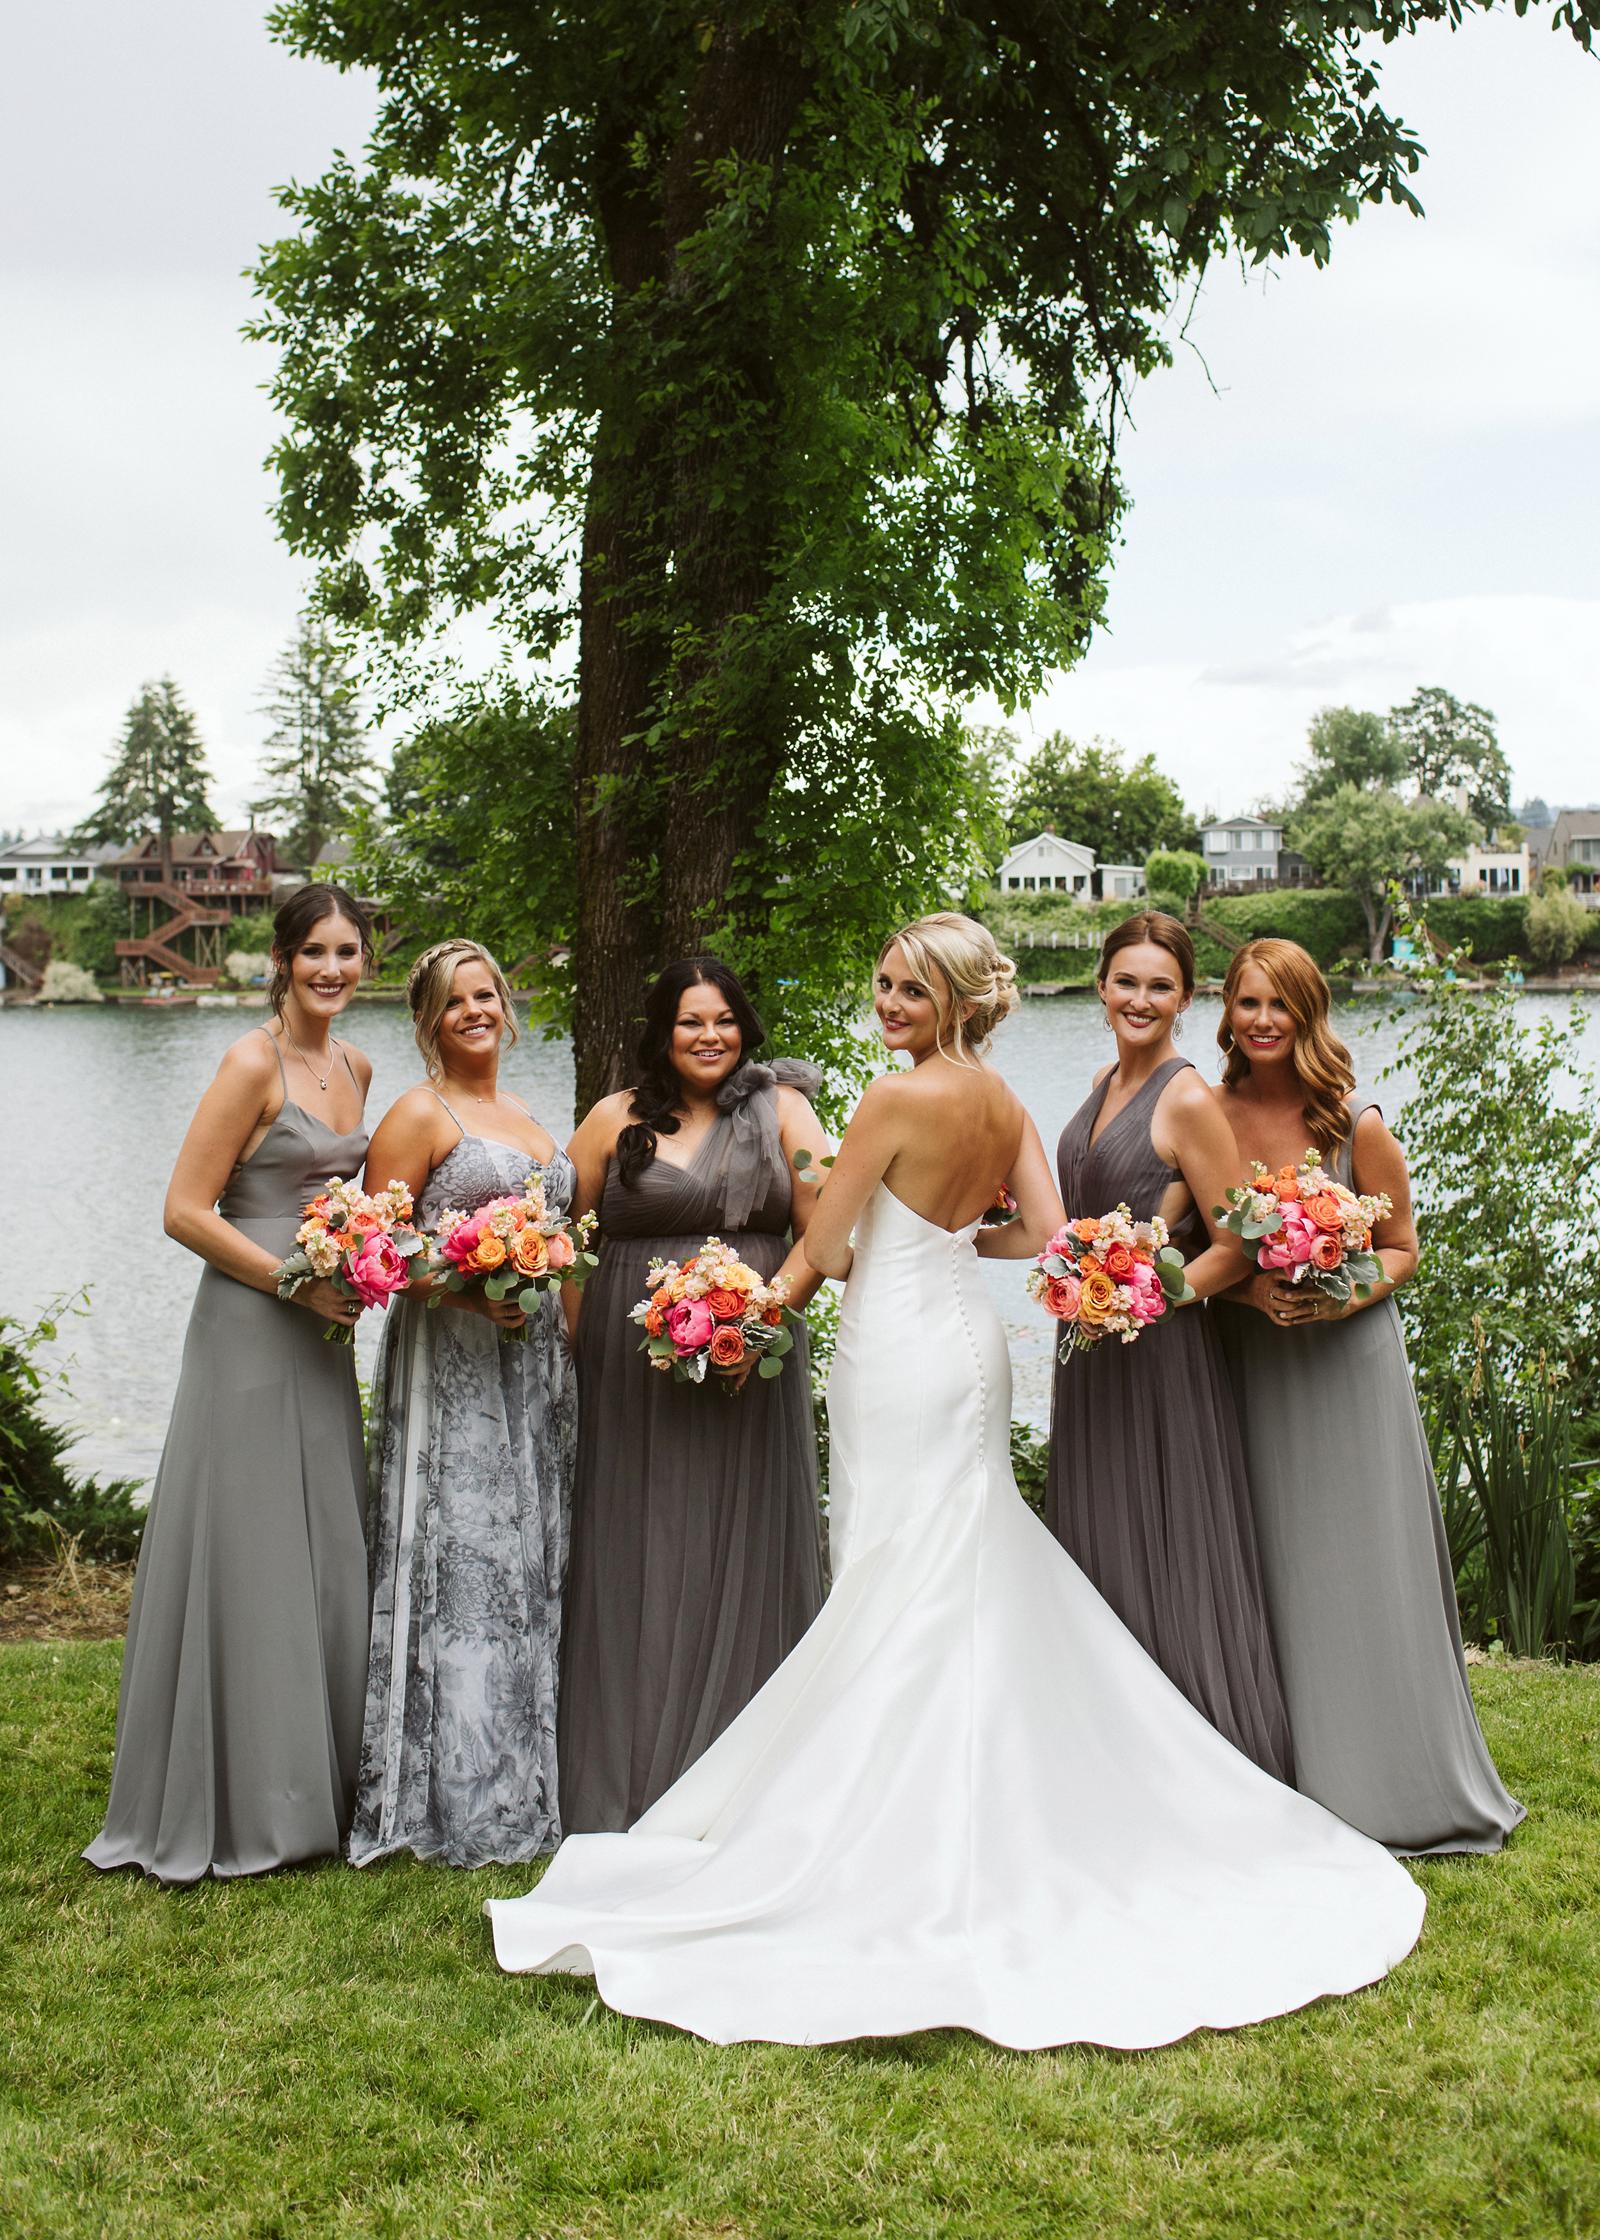 037-daronjackson-gabby-alec-wedding.jpg